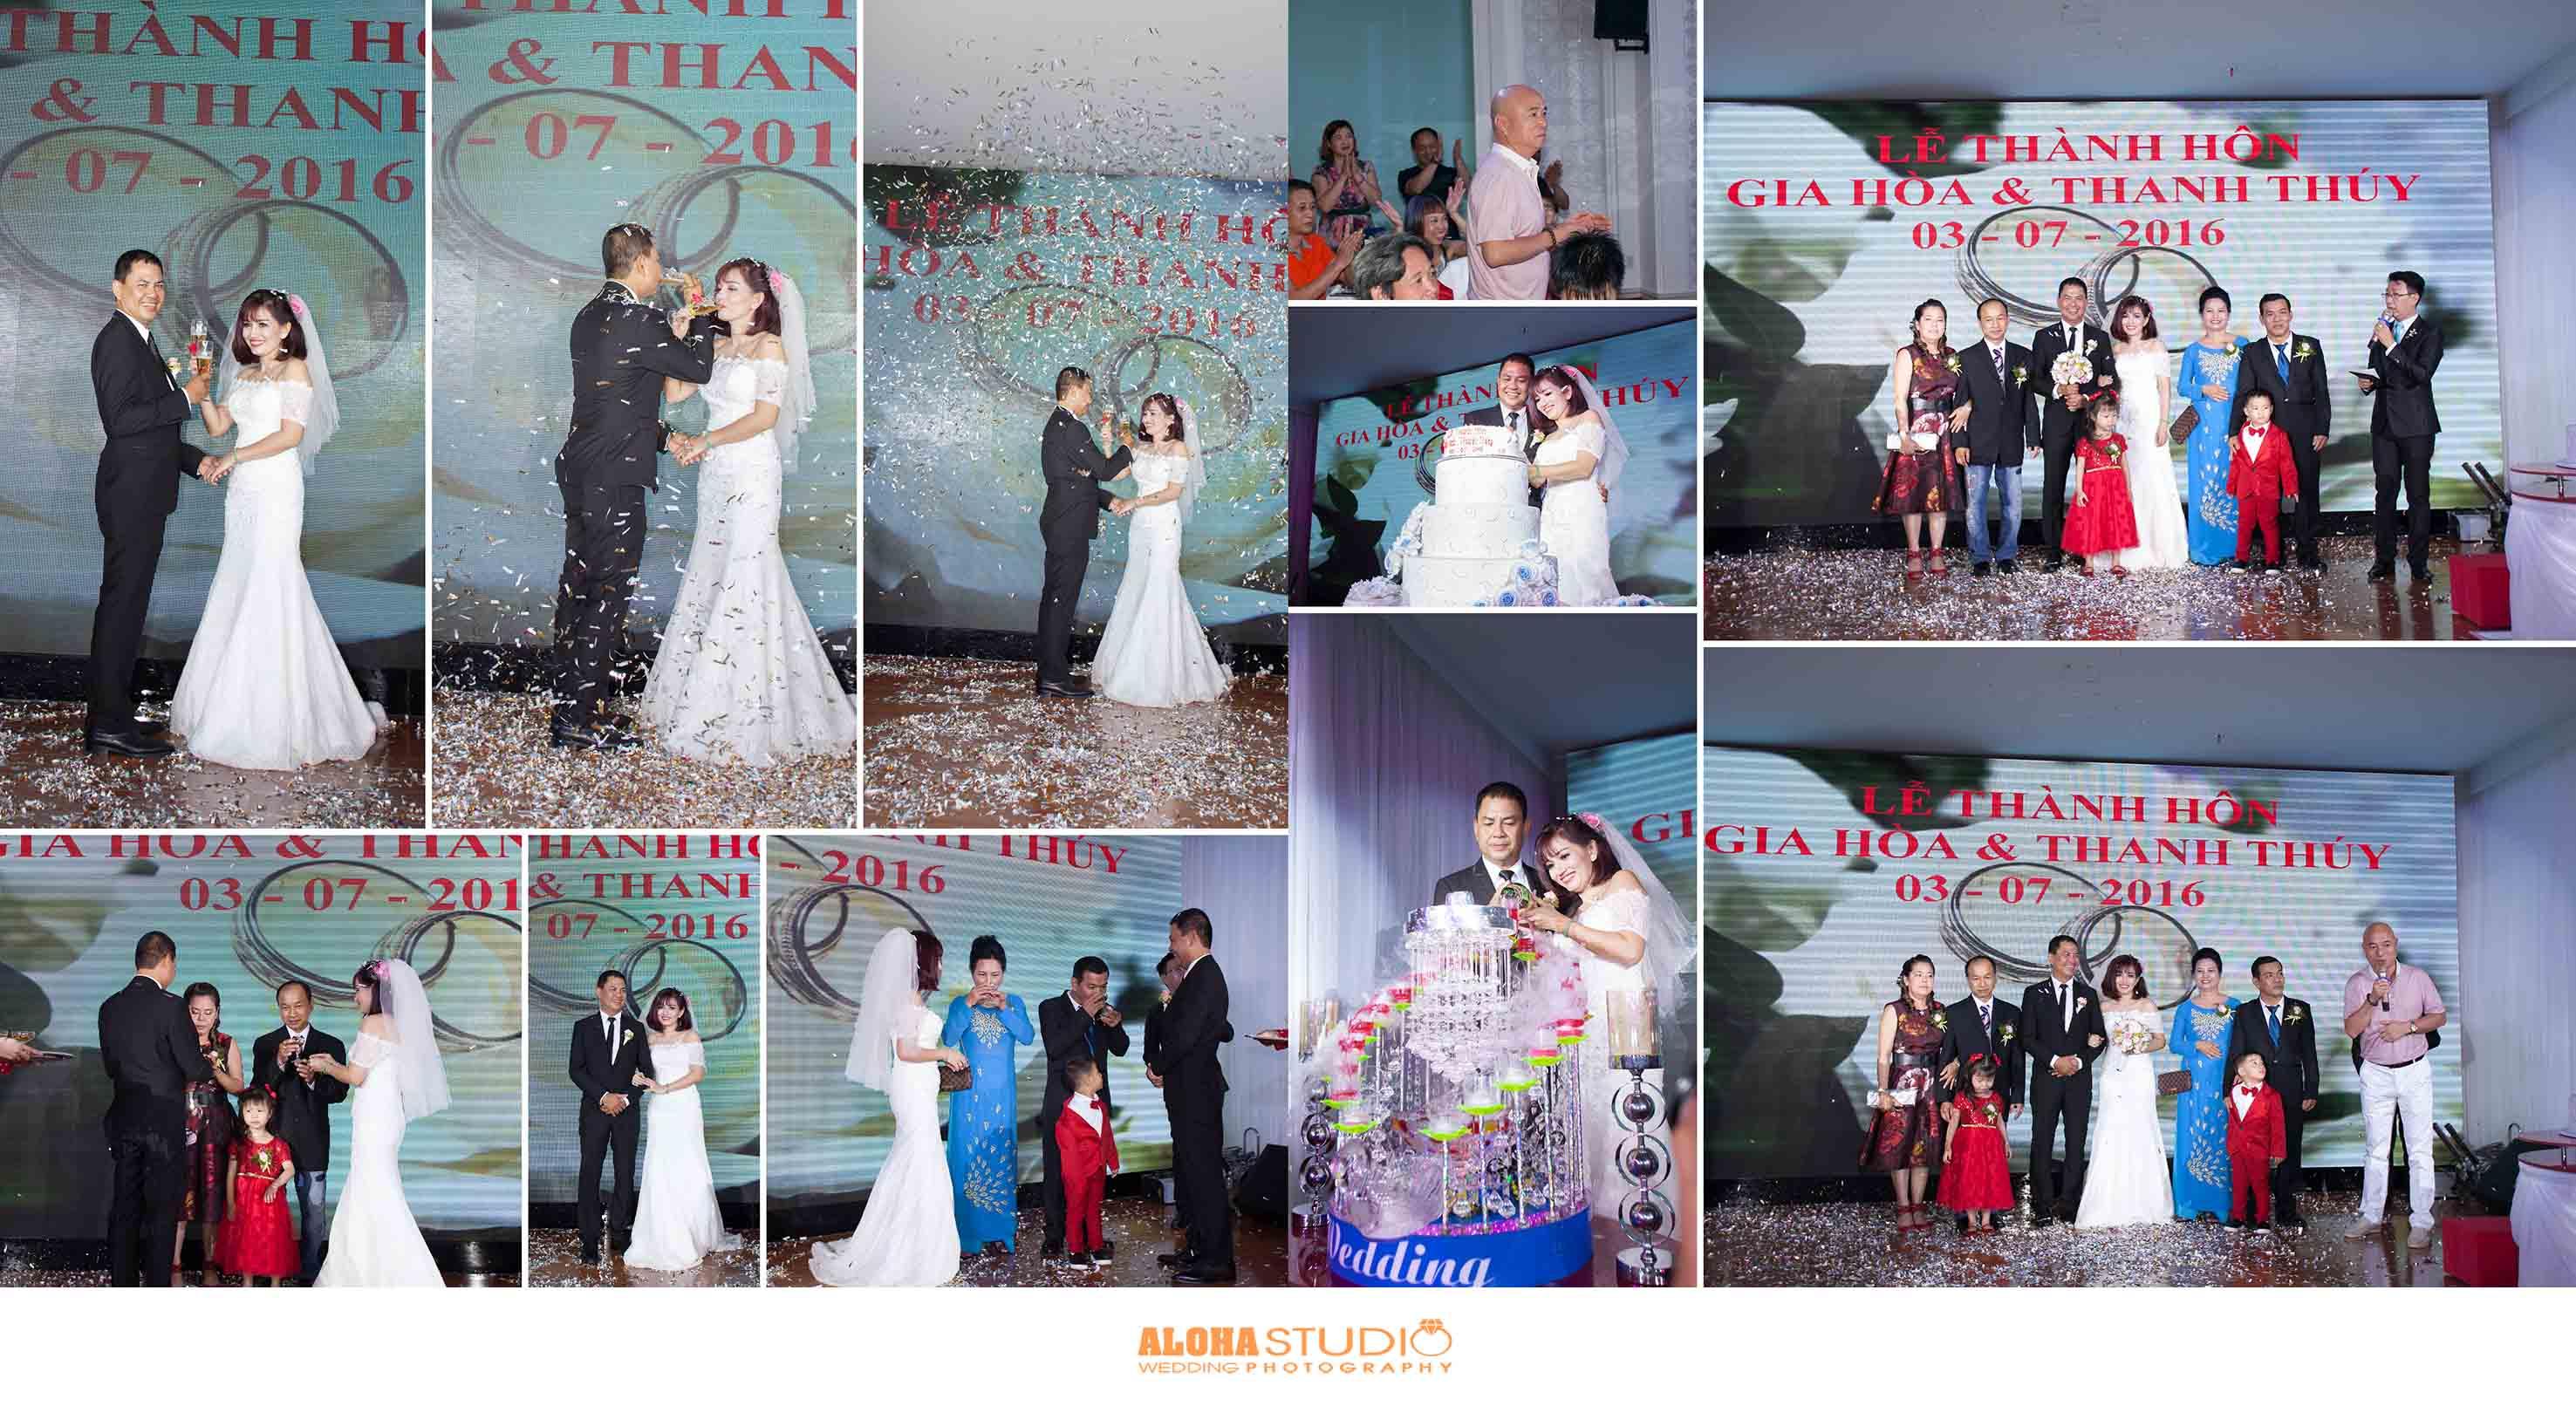 Chụp hình đám hỏi - đám cưới